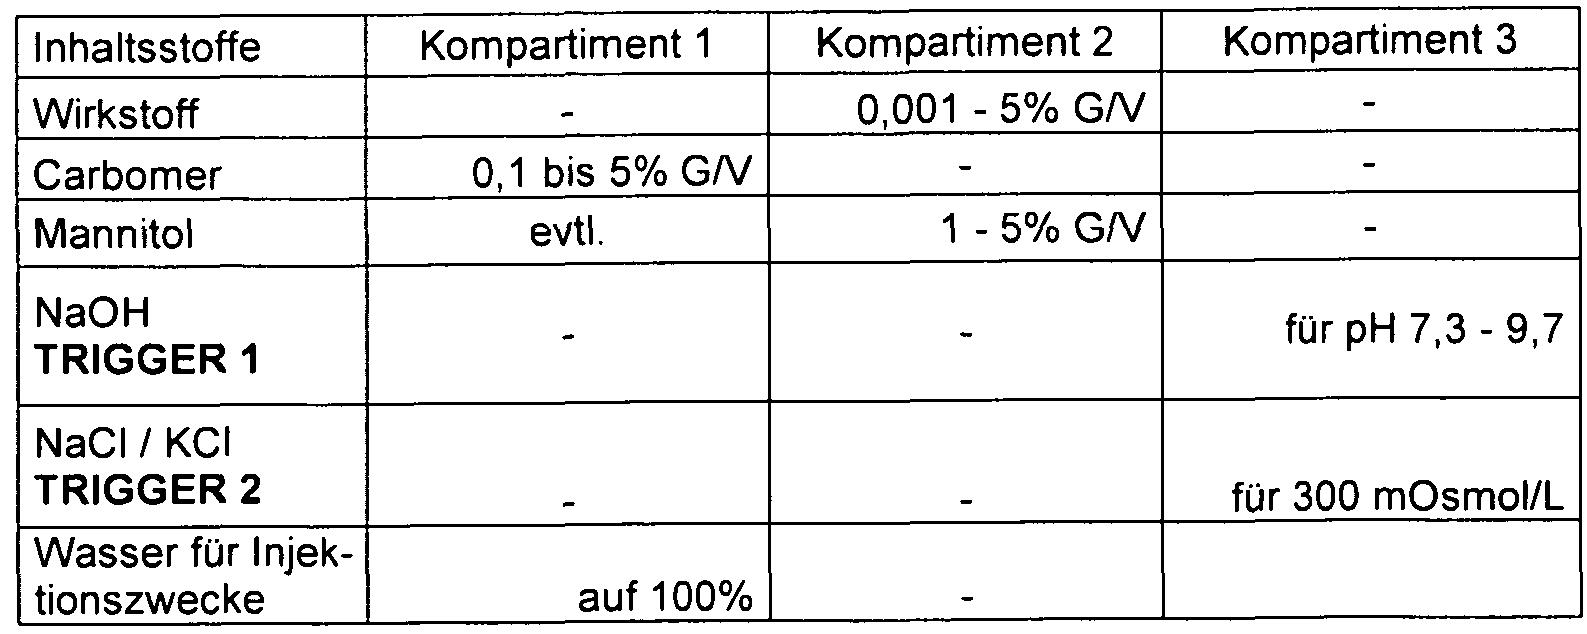 Wala mercurialis salbe beipackzettel ciprofloxacin